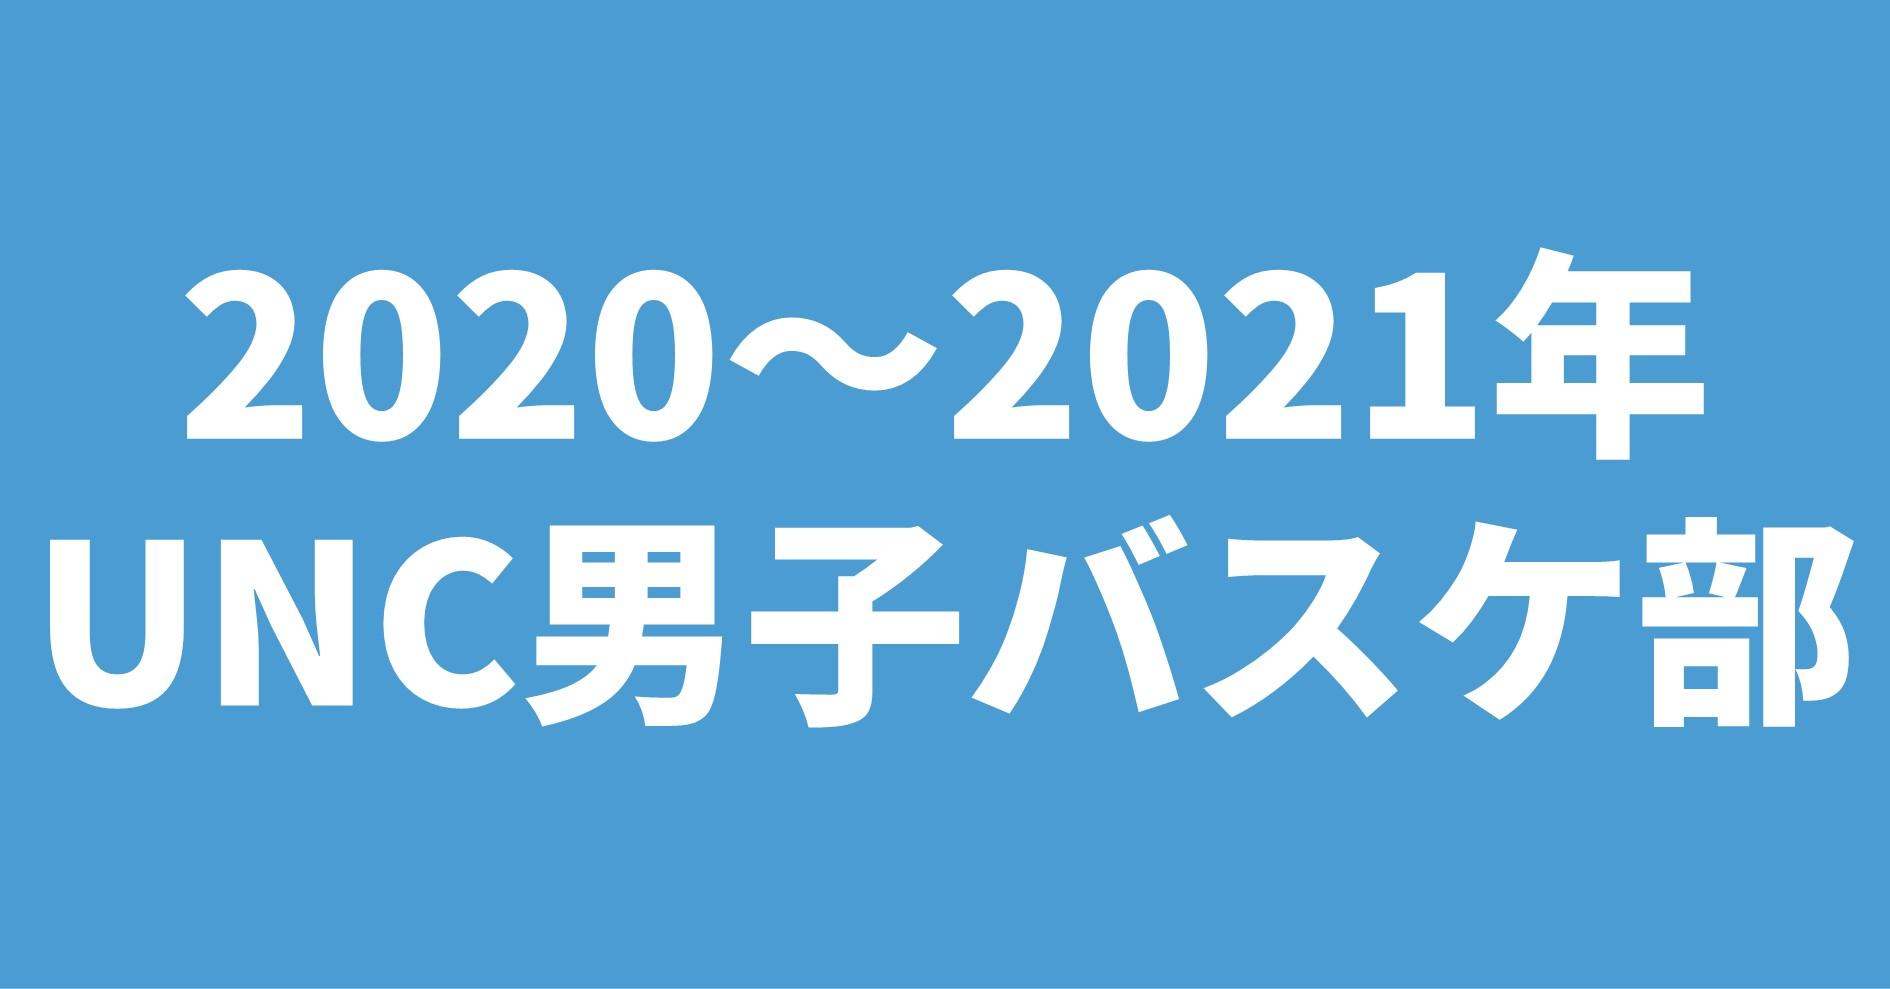 2020~2021年UNC男子バスケ部